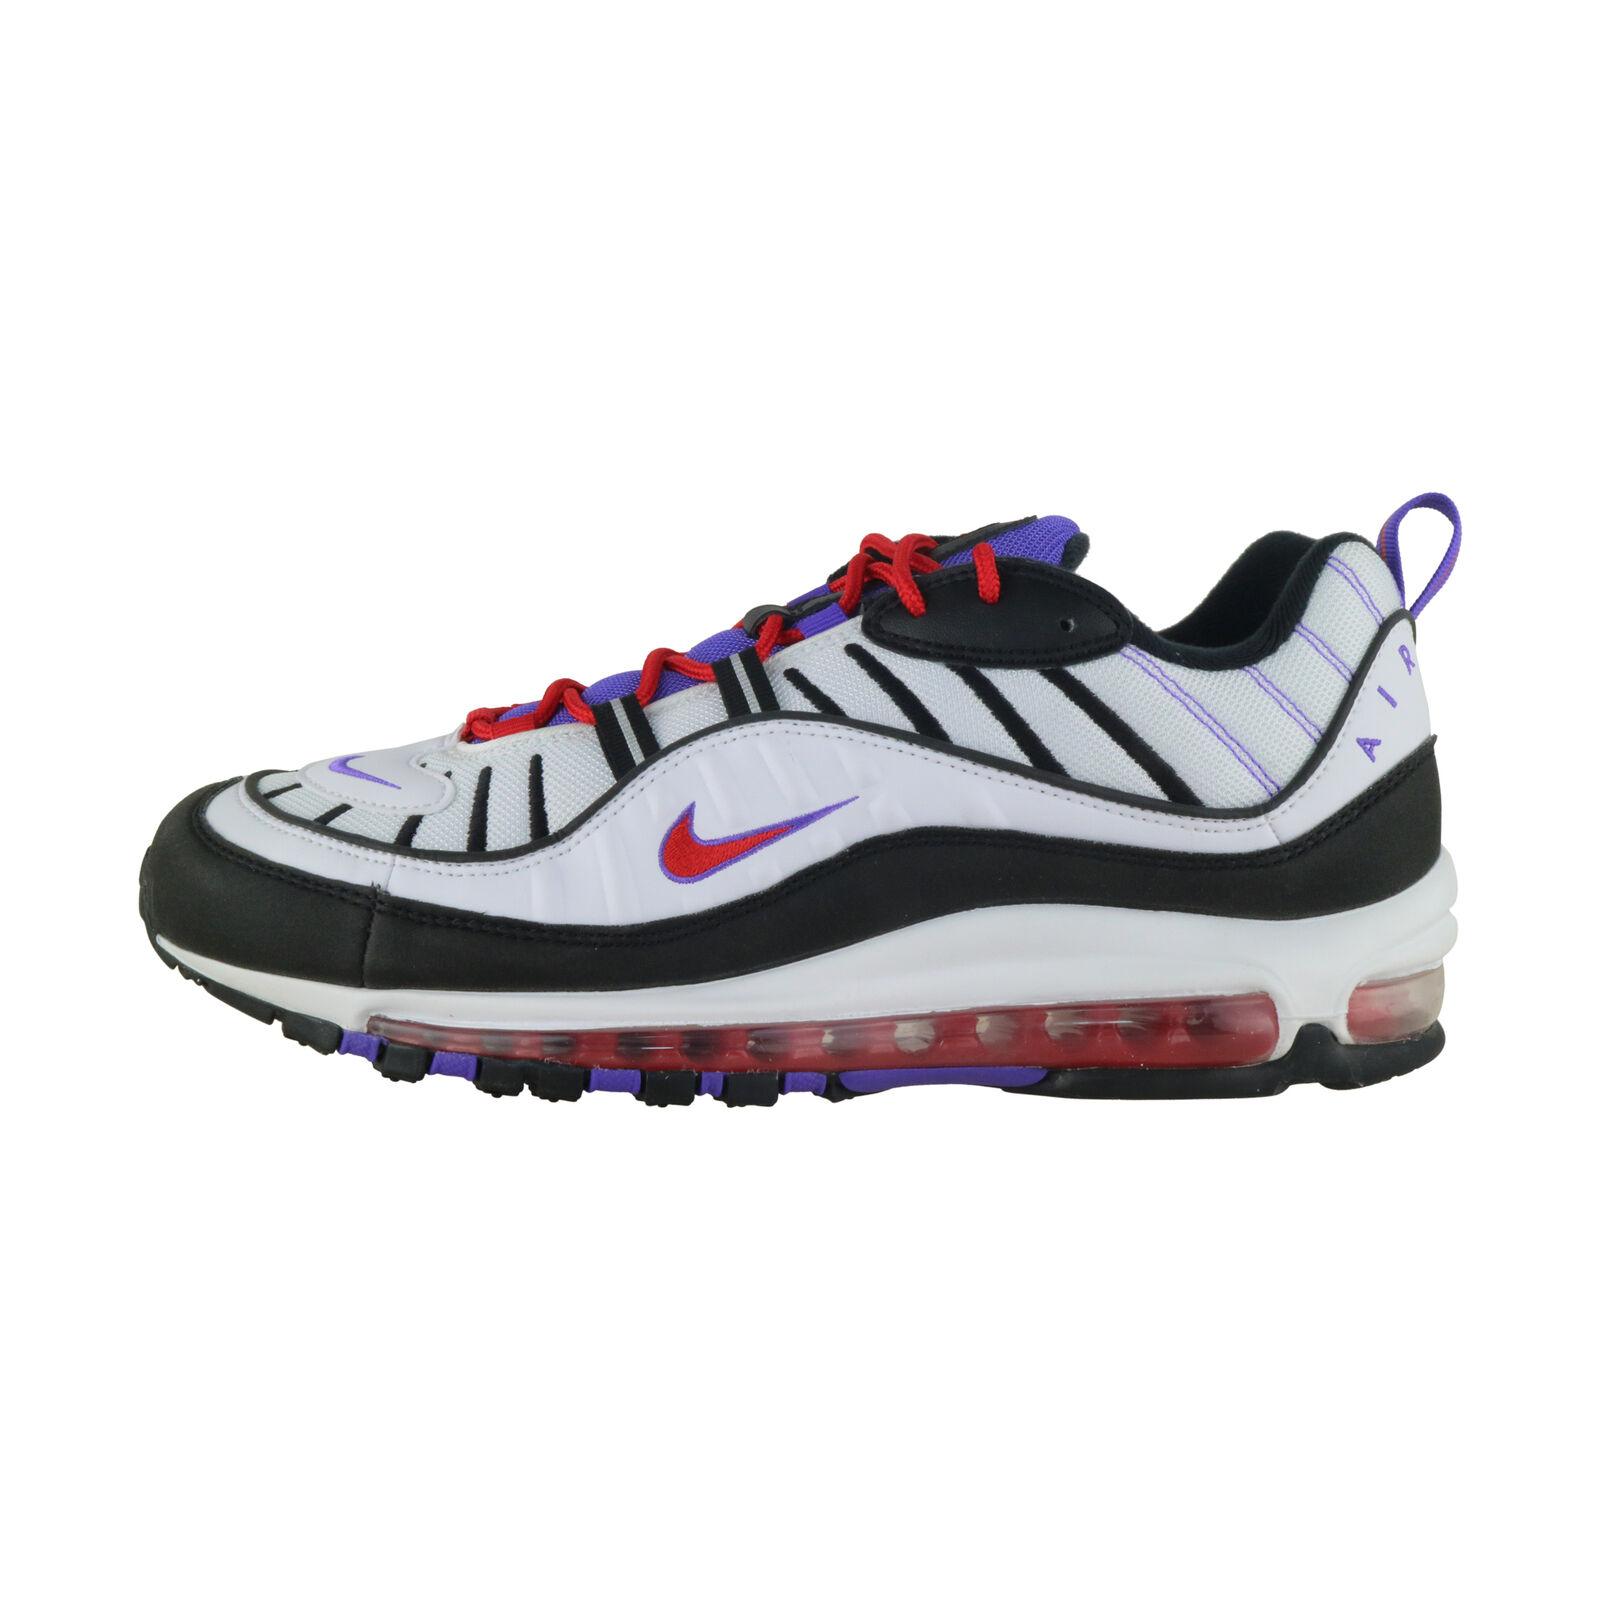 Détails sur Nike Air Max 98 BlancNoirViolet 640744 110